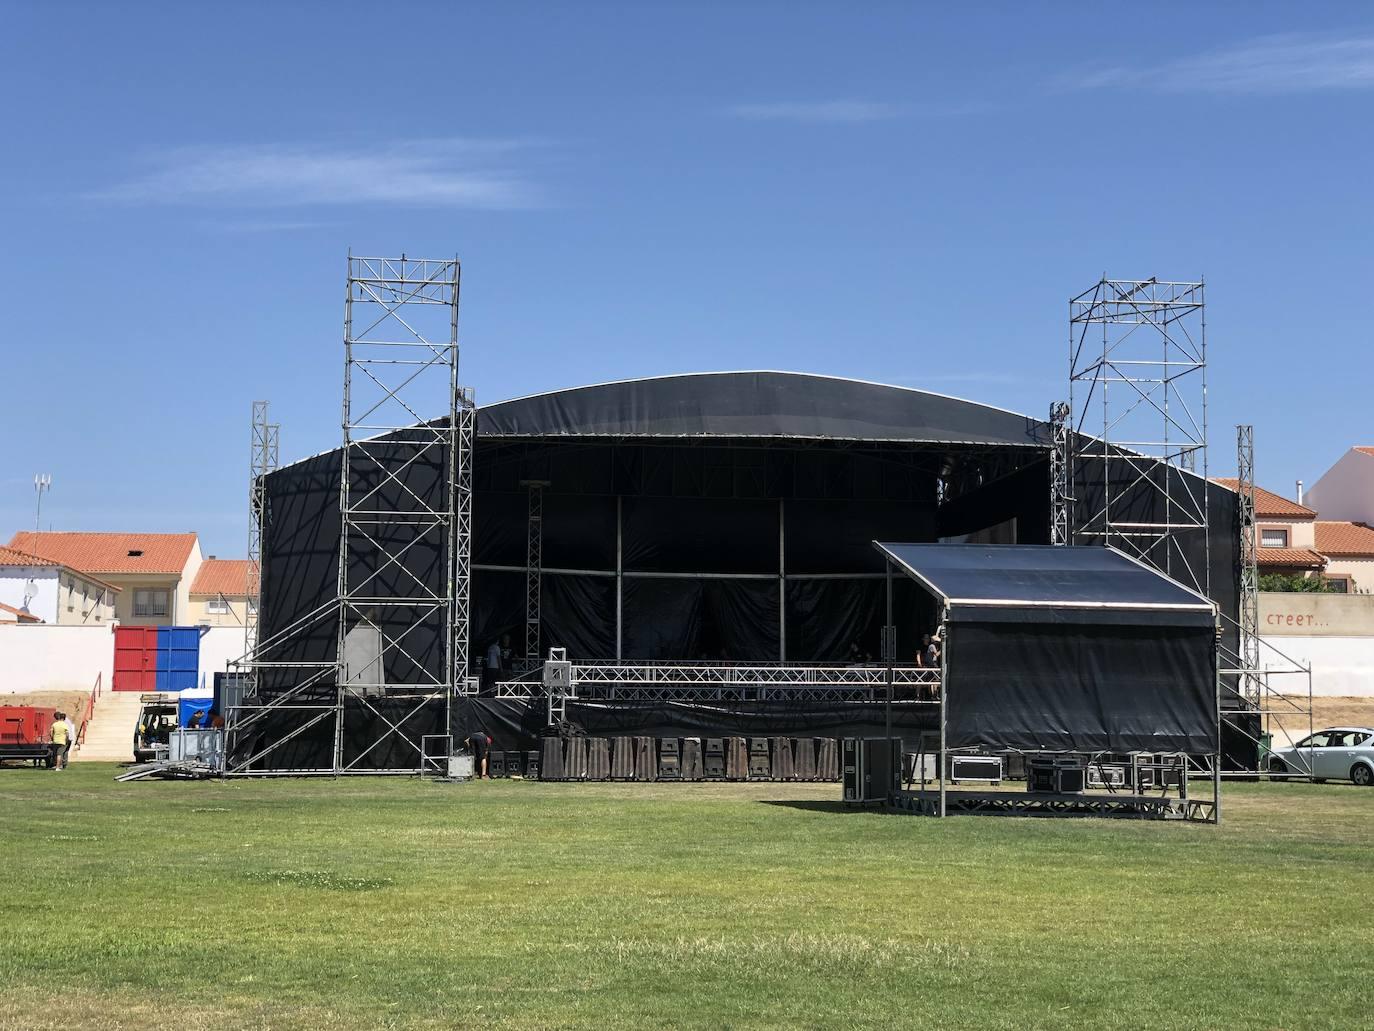 Todo preparado para la celebración desde mañana del Festival Granirock